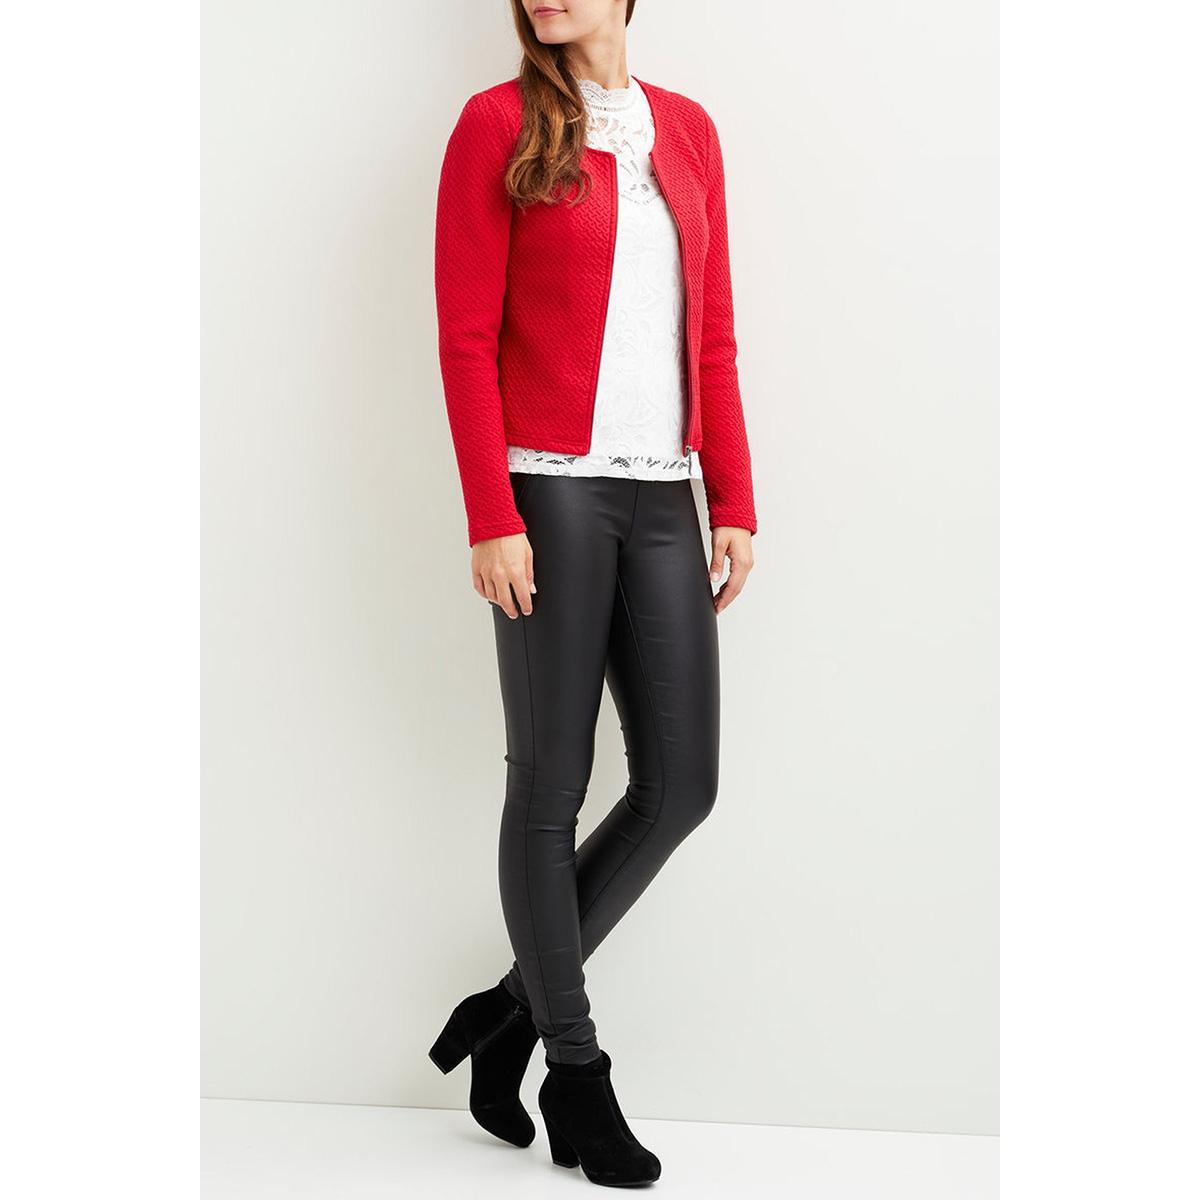 vinaja new short jacket-fav 14043895 vila vest chili pepper